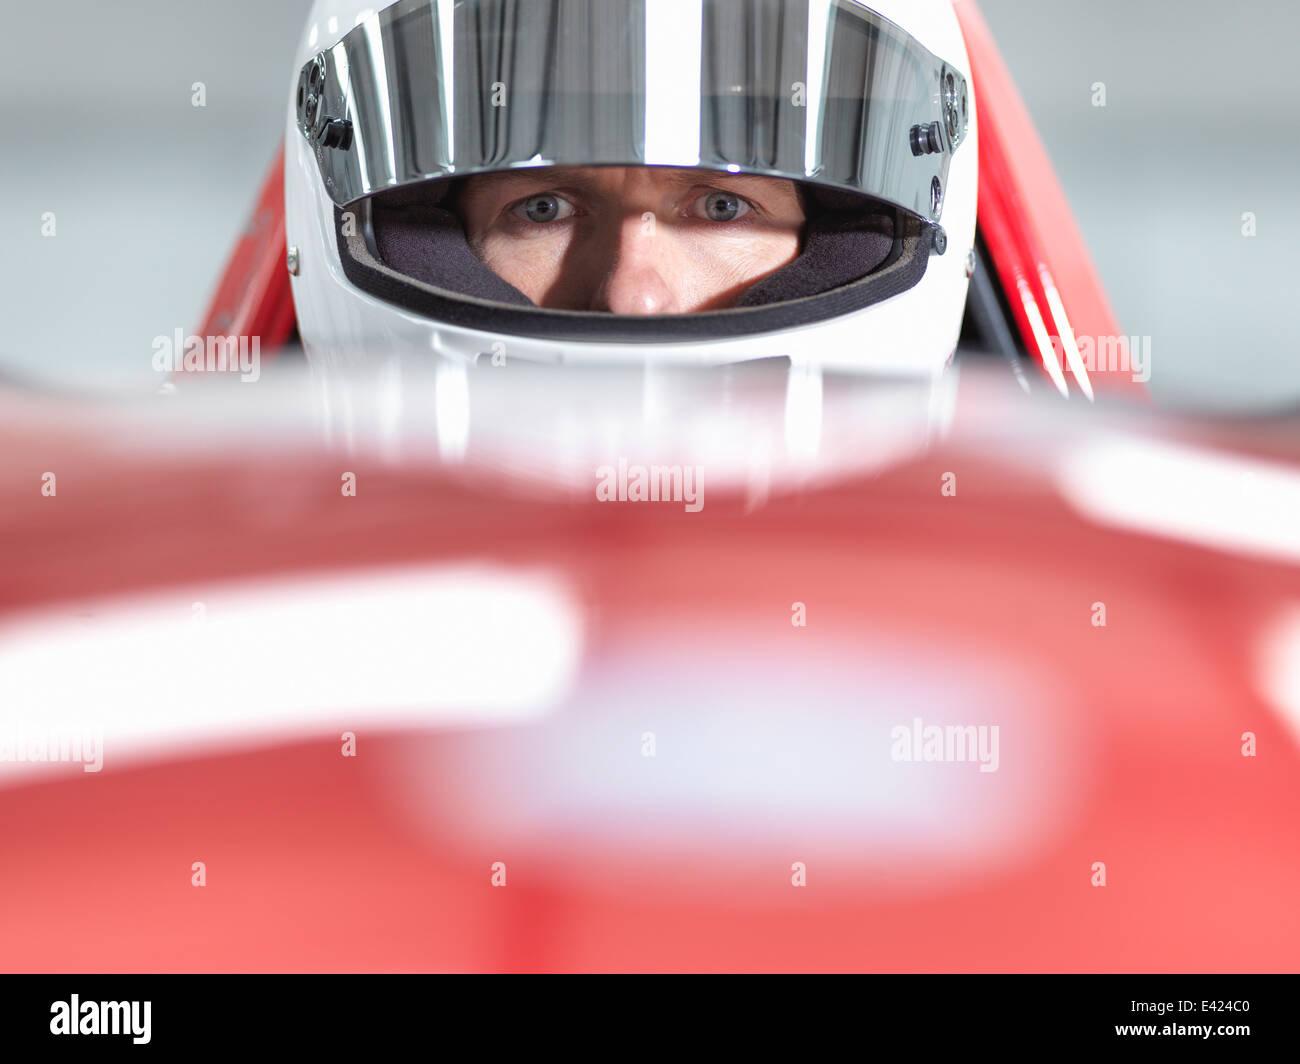 Porträt der Rennfahrer mit Helm in Supersportwagen hautnah Stockbild